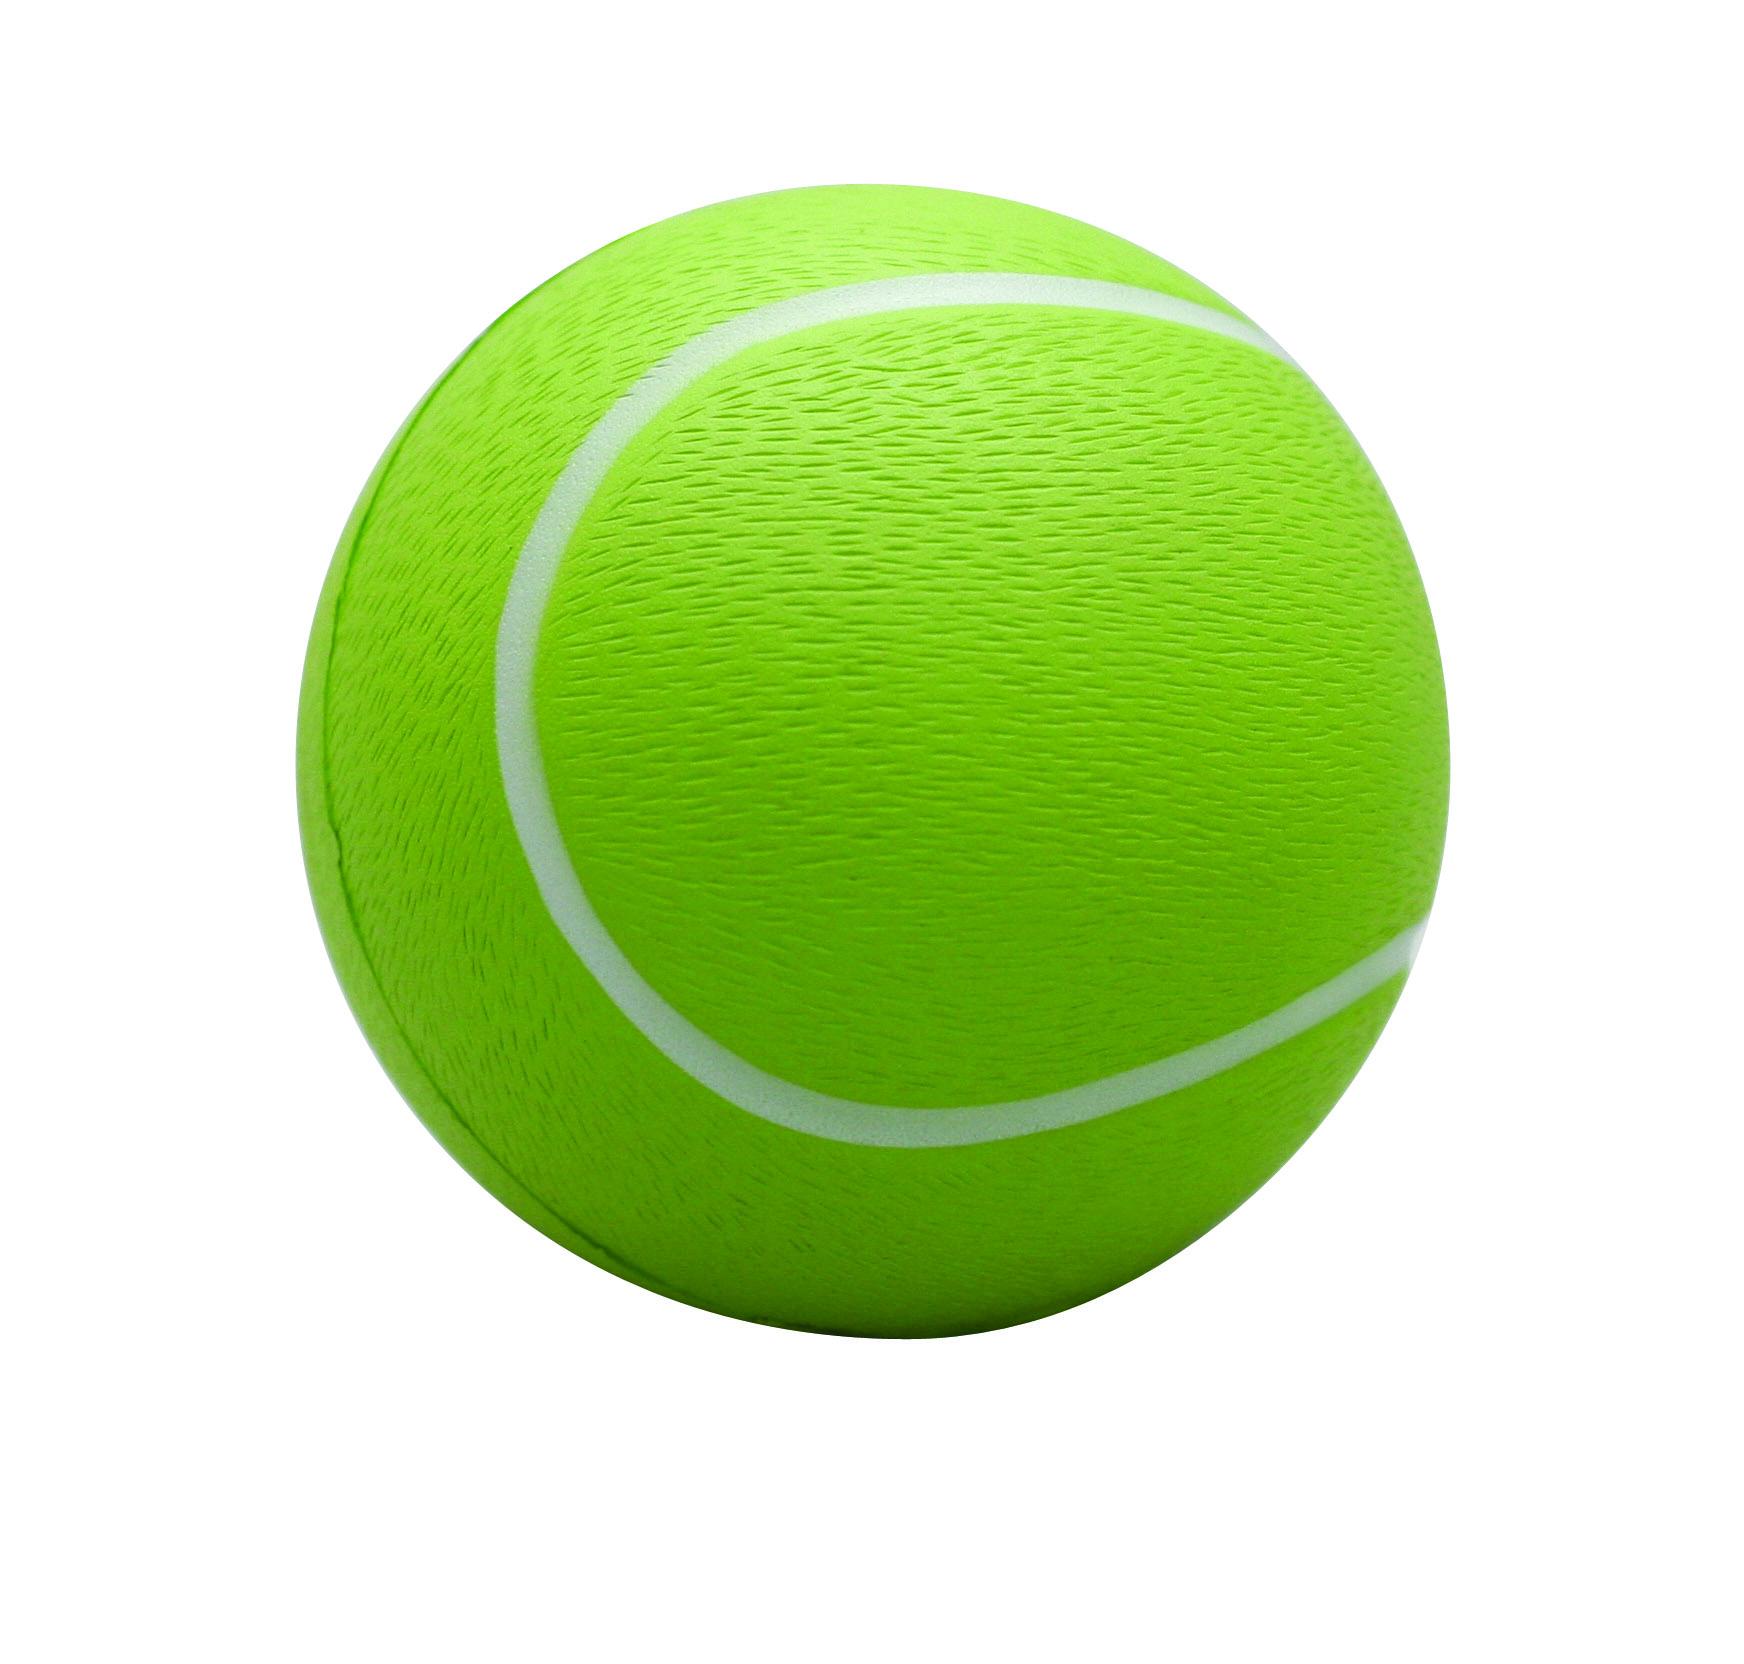 Bouncing Tennis Ball Clipart.